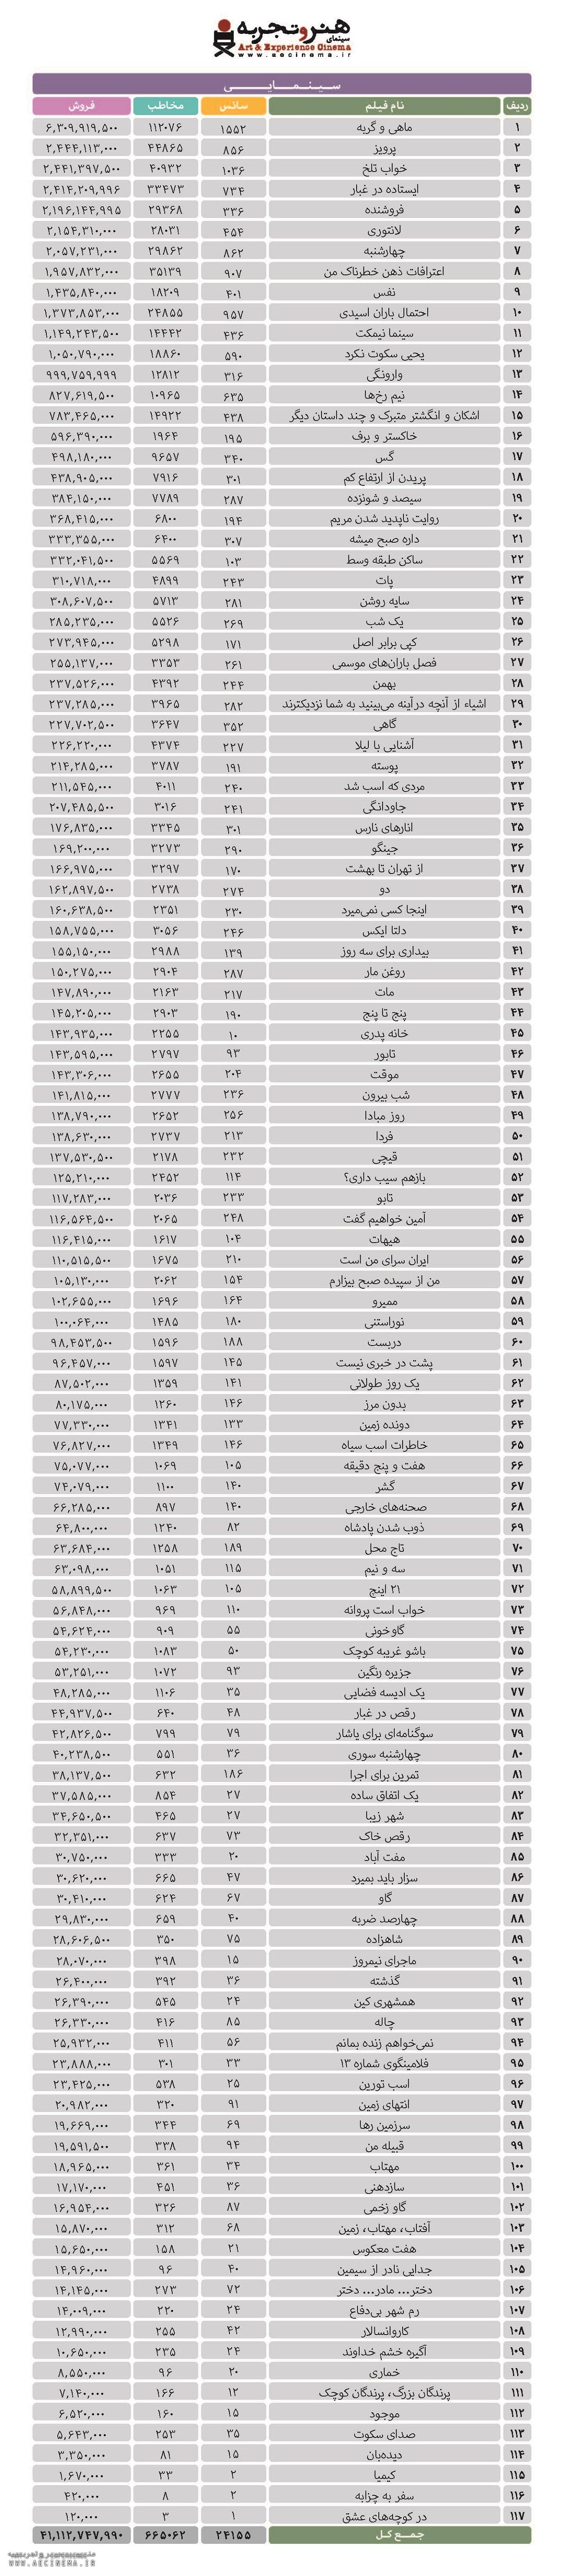 گزارش فروش مربوط به ۱۸ اردیبهشت ۱۳۹۶ است.